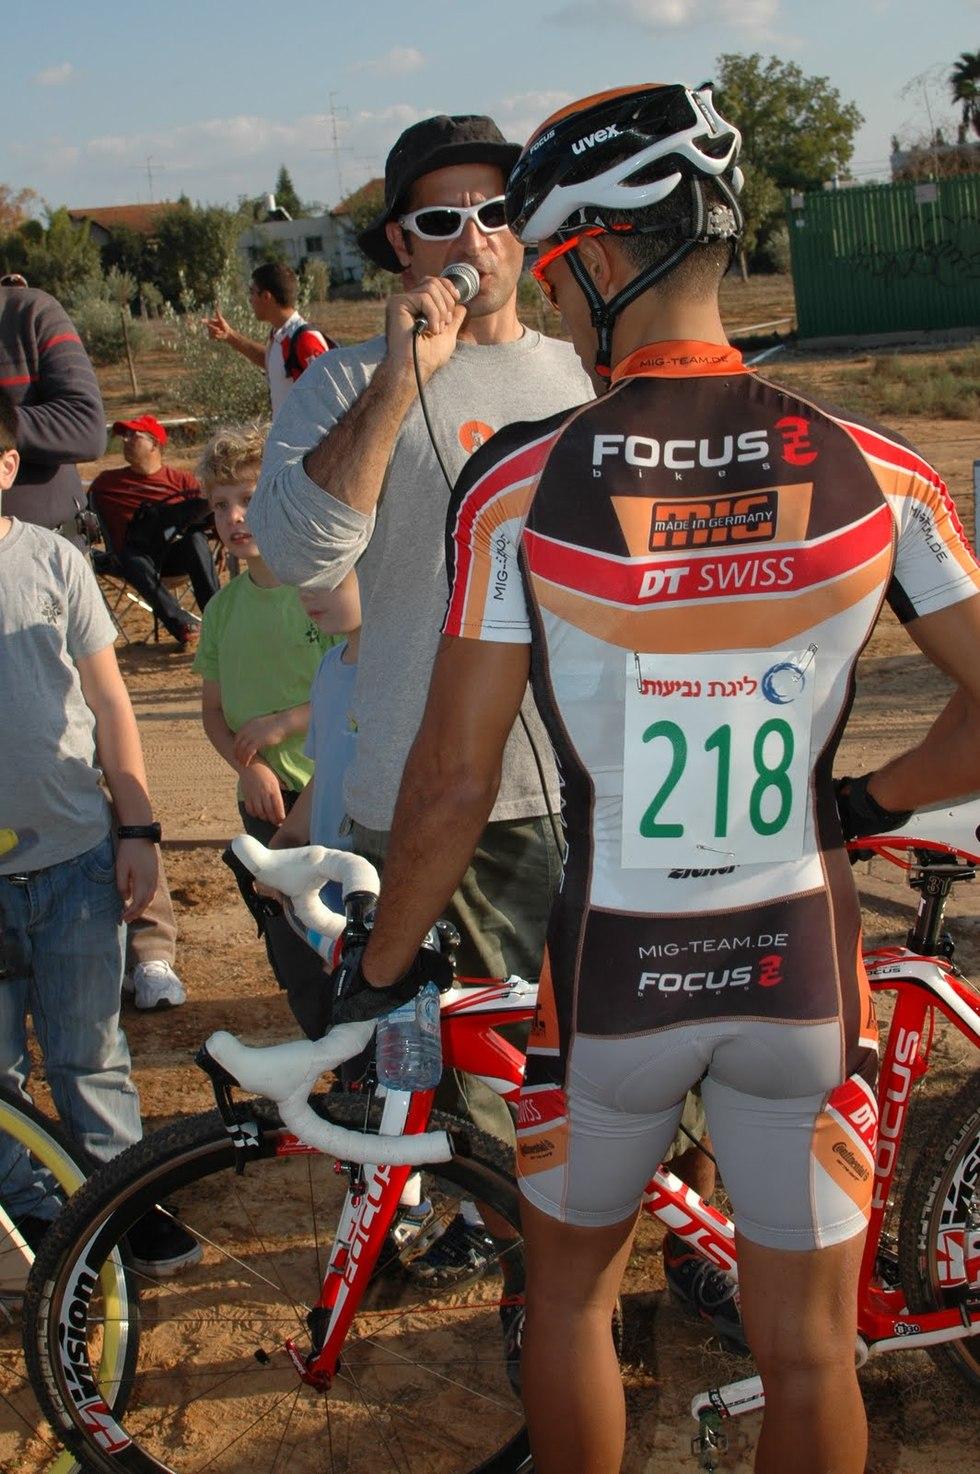 על המאמץ להרמת תחום ה Cyclocross בישראל, התחרות בסביון, והתחרות הקרובה בתל אביב